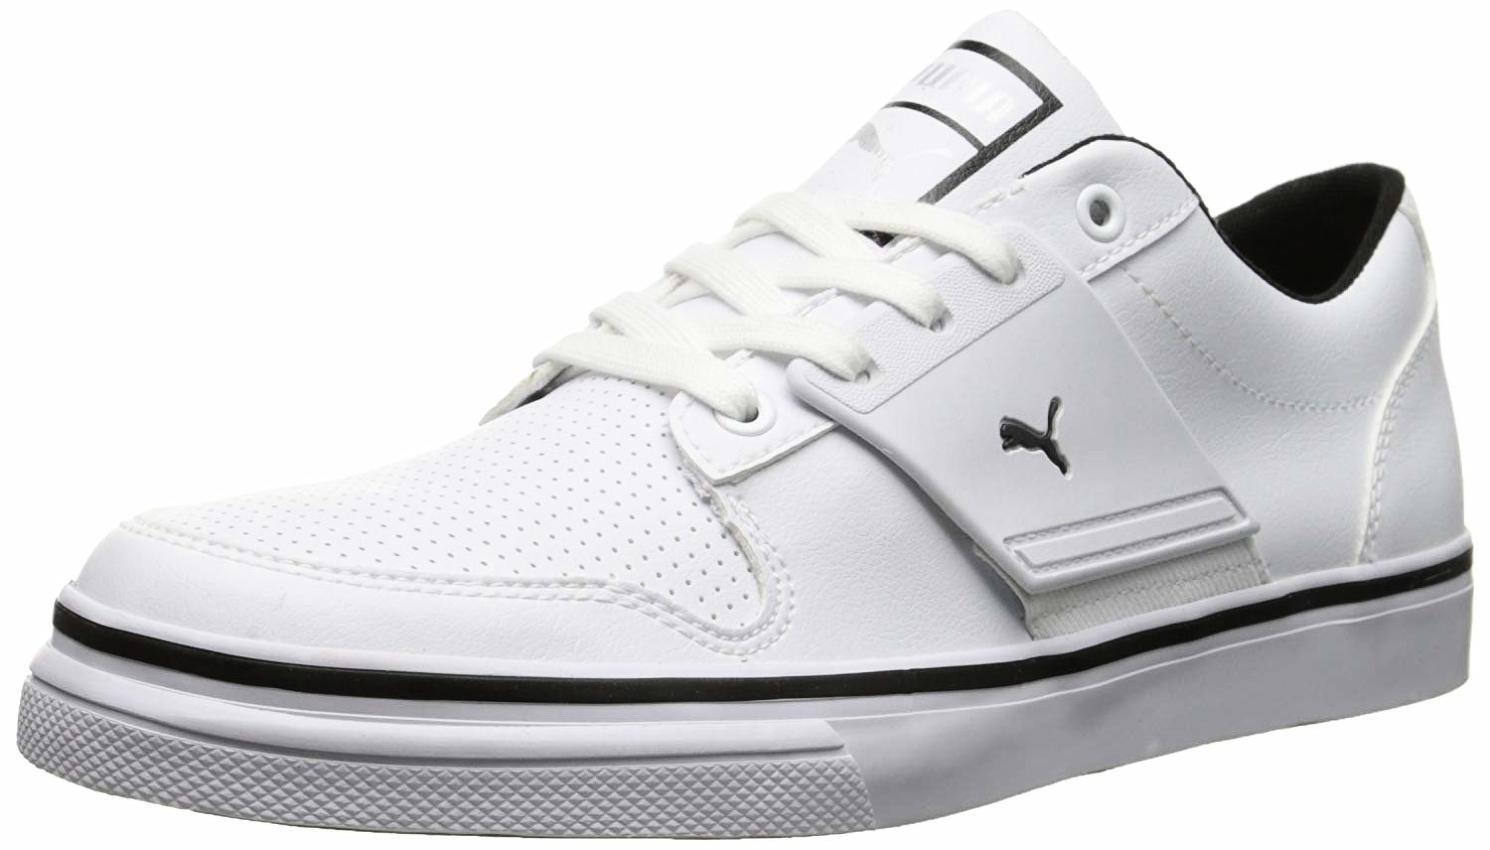 PUMA Men's El Ace 2B Sneakers